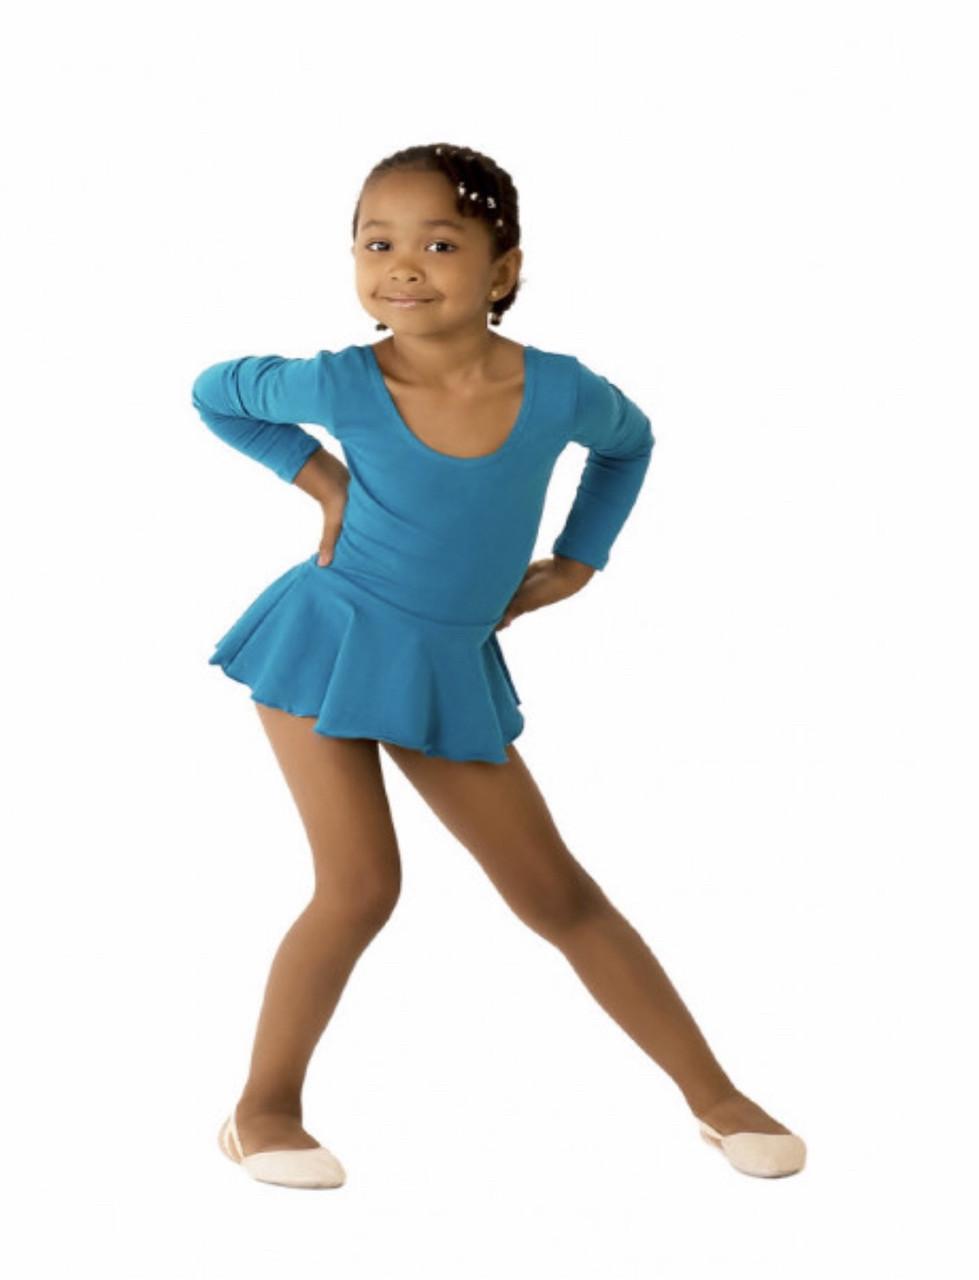 Боди купальник  с юбкой хлопок для танцев , балета,гимнастики голубой